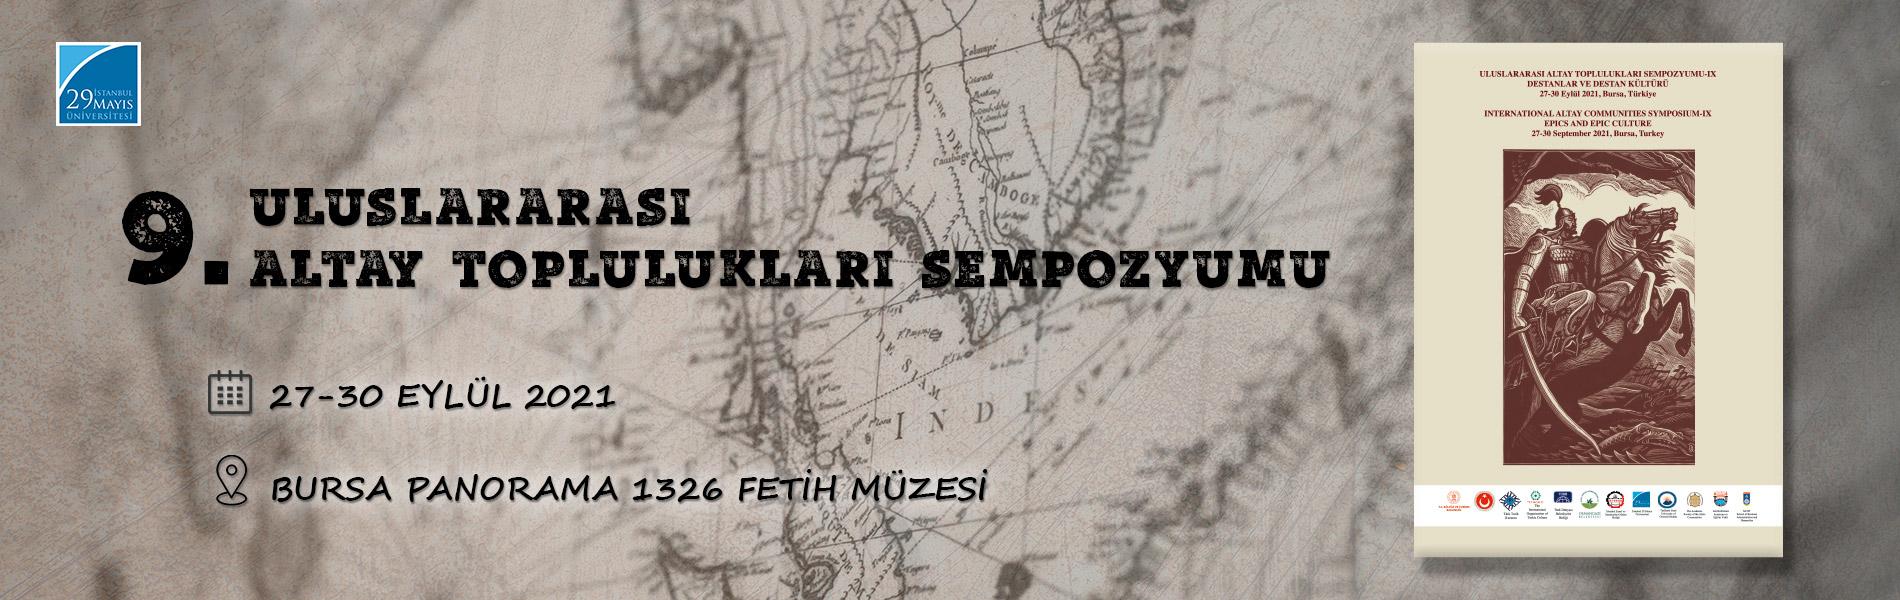 9. Uluslararası Altay Toplulukları Sempozyumu